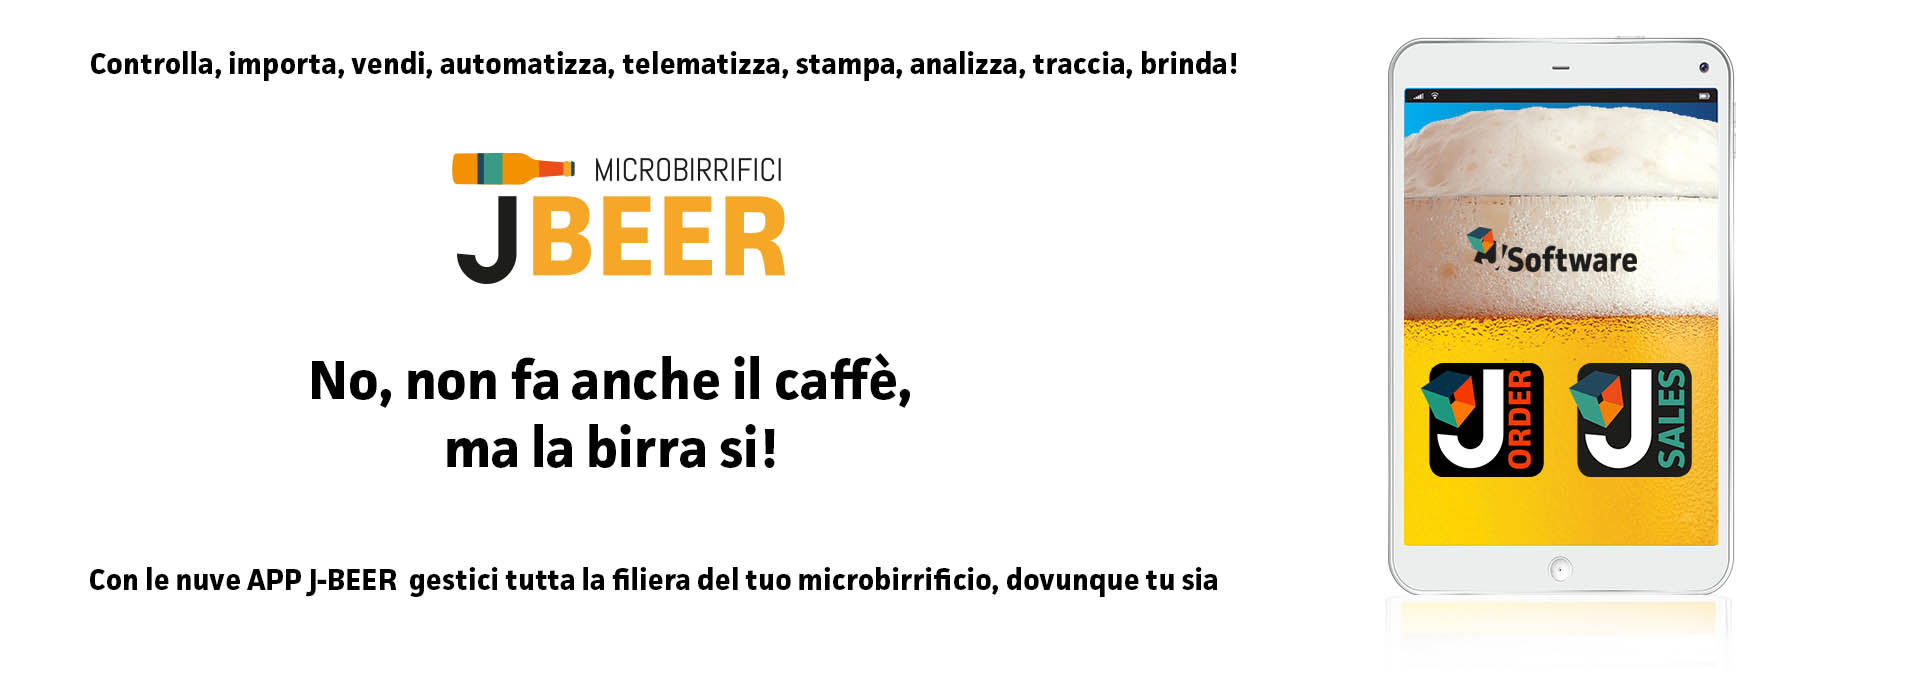 J-BEER il più amato dai birrifici italiani